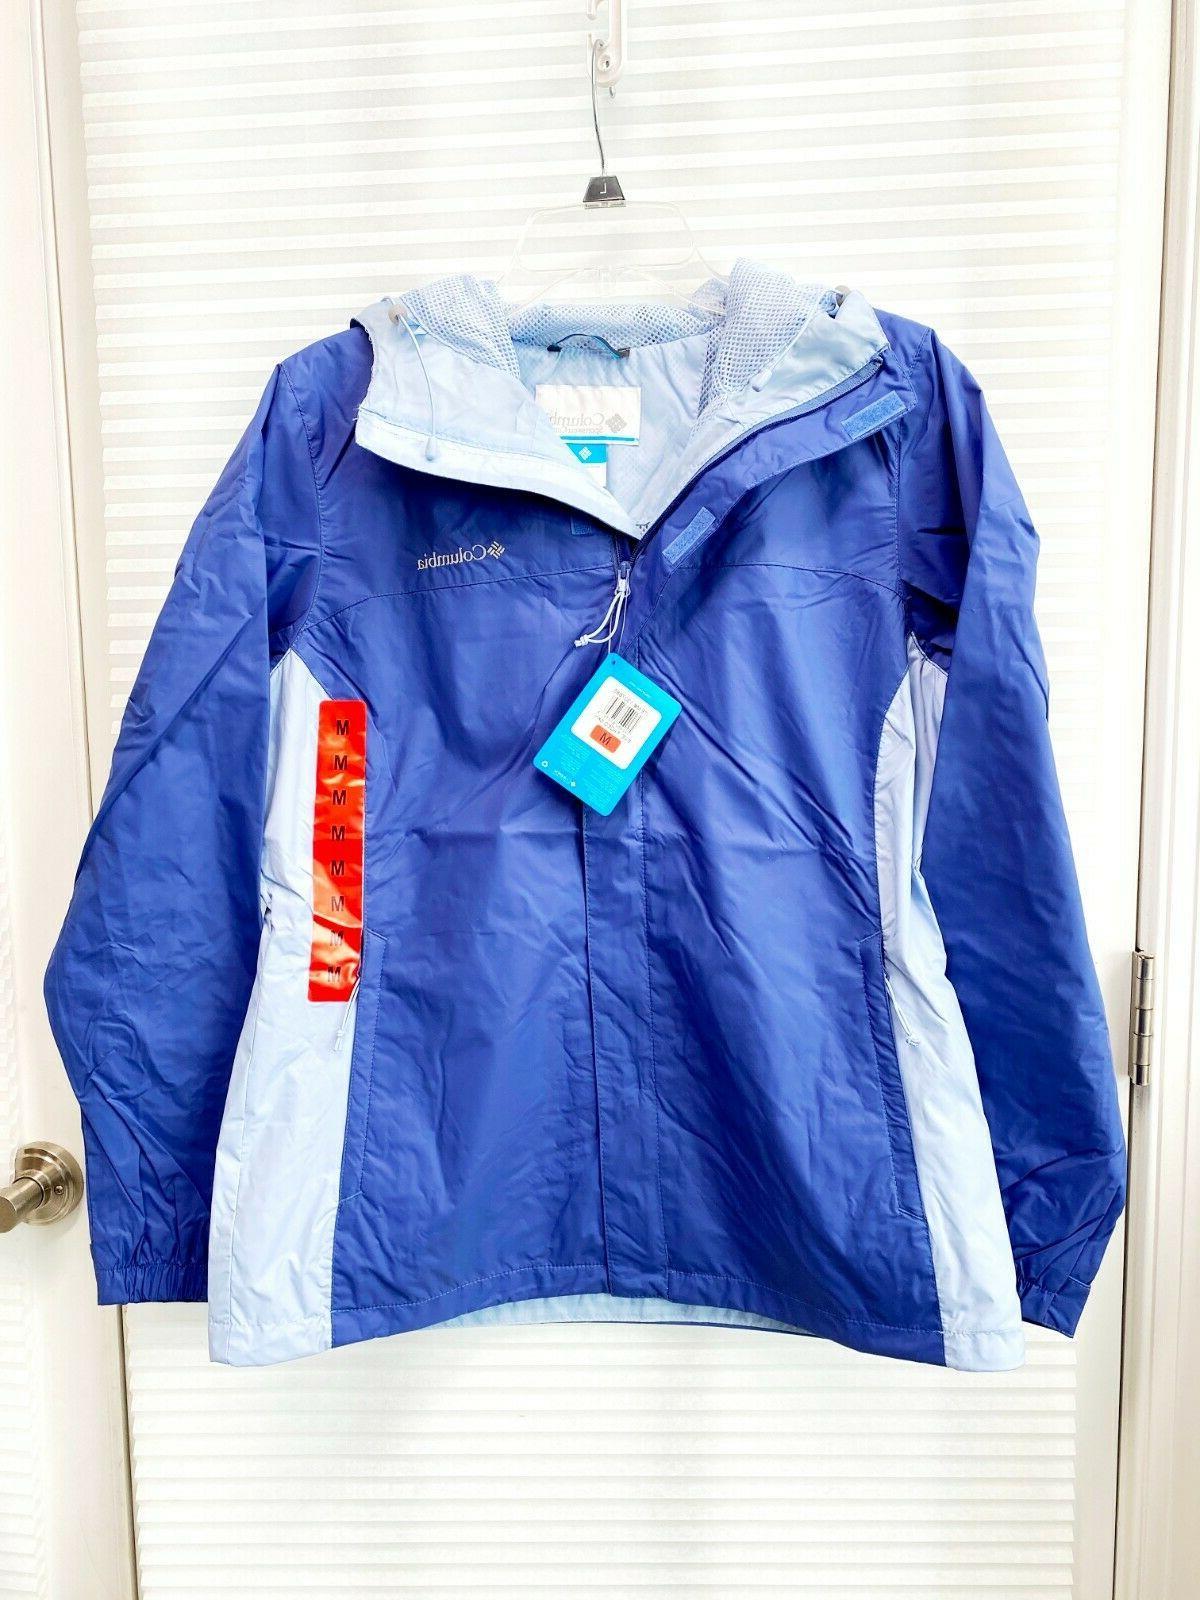 Columbia Ladies' Rain Waterproof Jacket With Hood